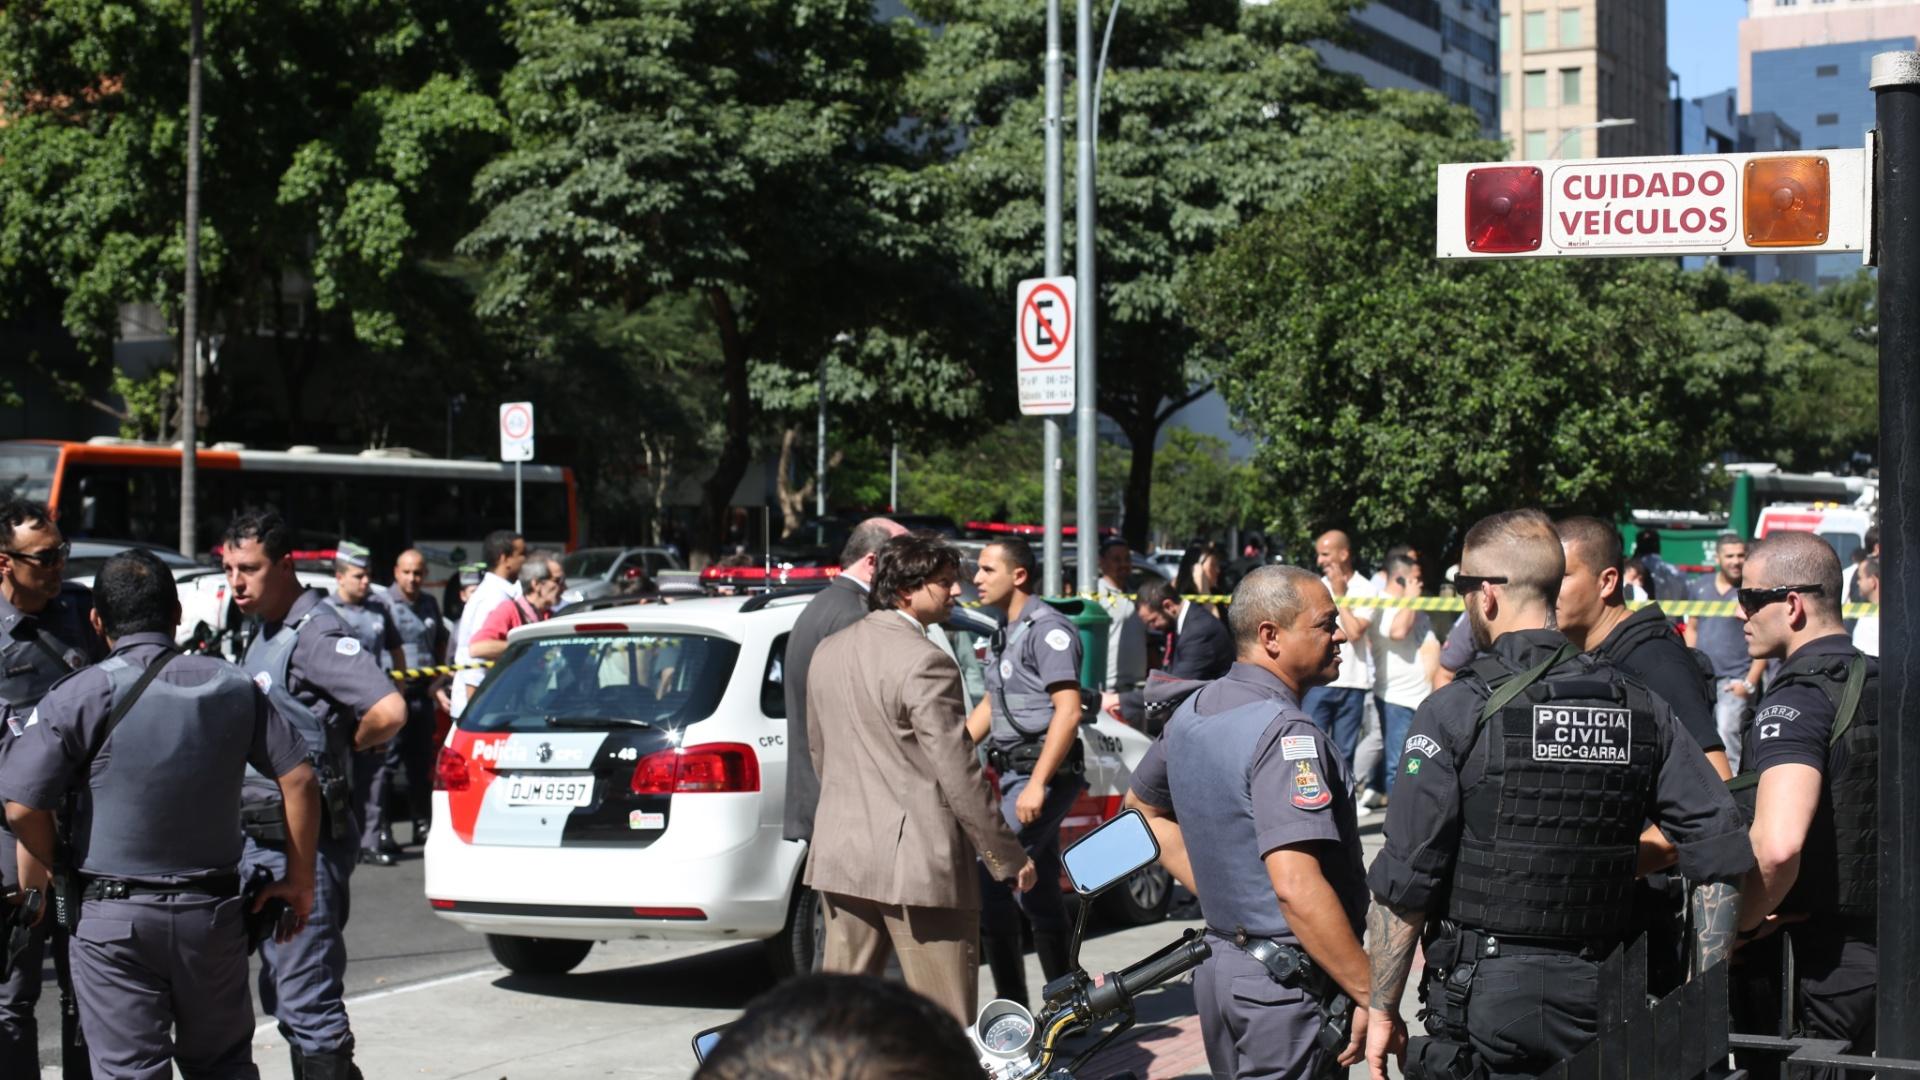 4.ago.2014 - Policiais isolam área onde ocorreu um tiroteio na altura do número 2.000 da avenida Faria Lima, no Jardim Paulistano, zona oeste de São Paulo. Pelo menos quatro pessoas ficaram feridas